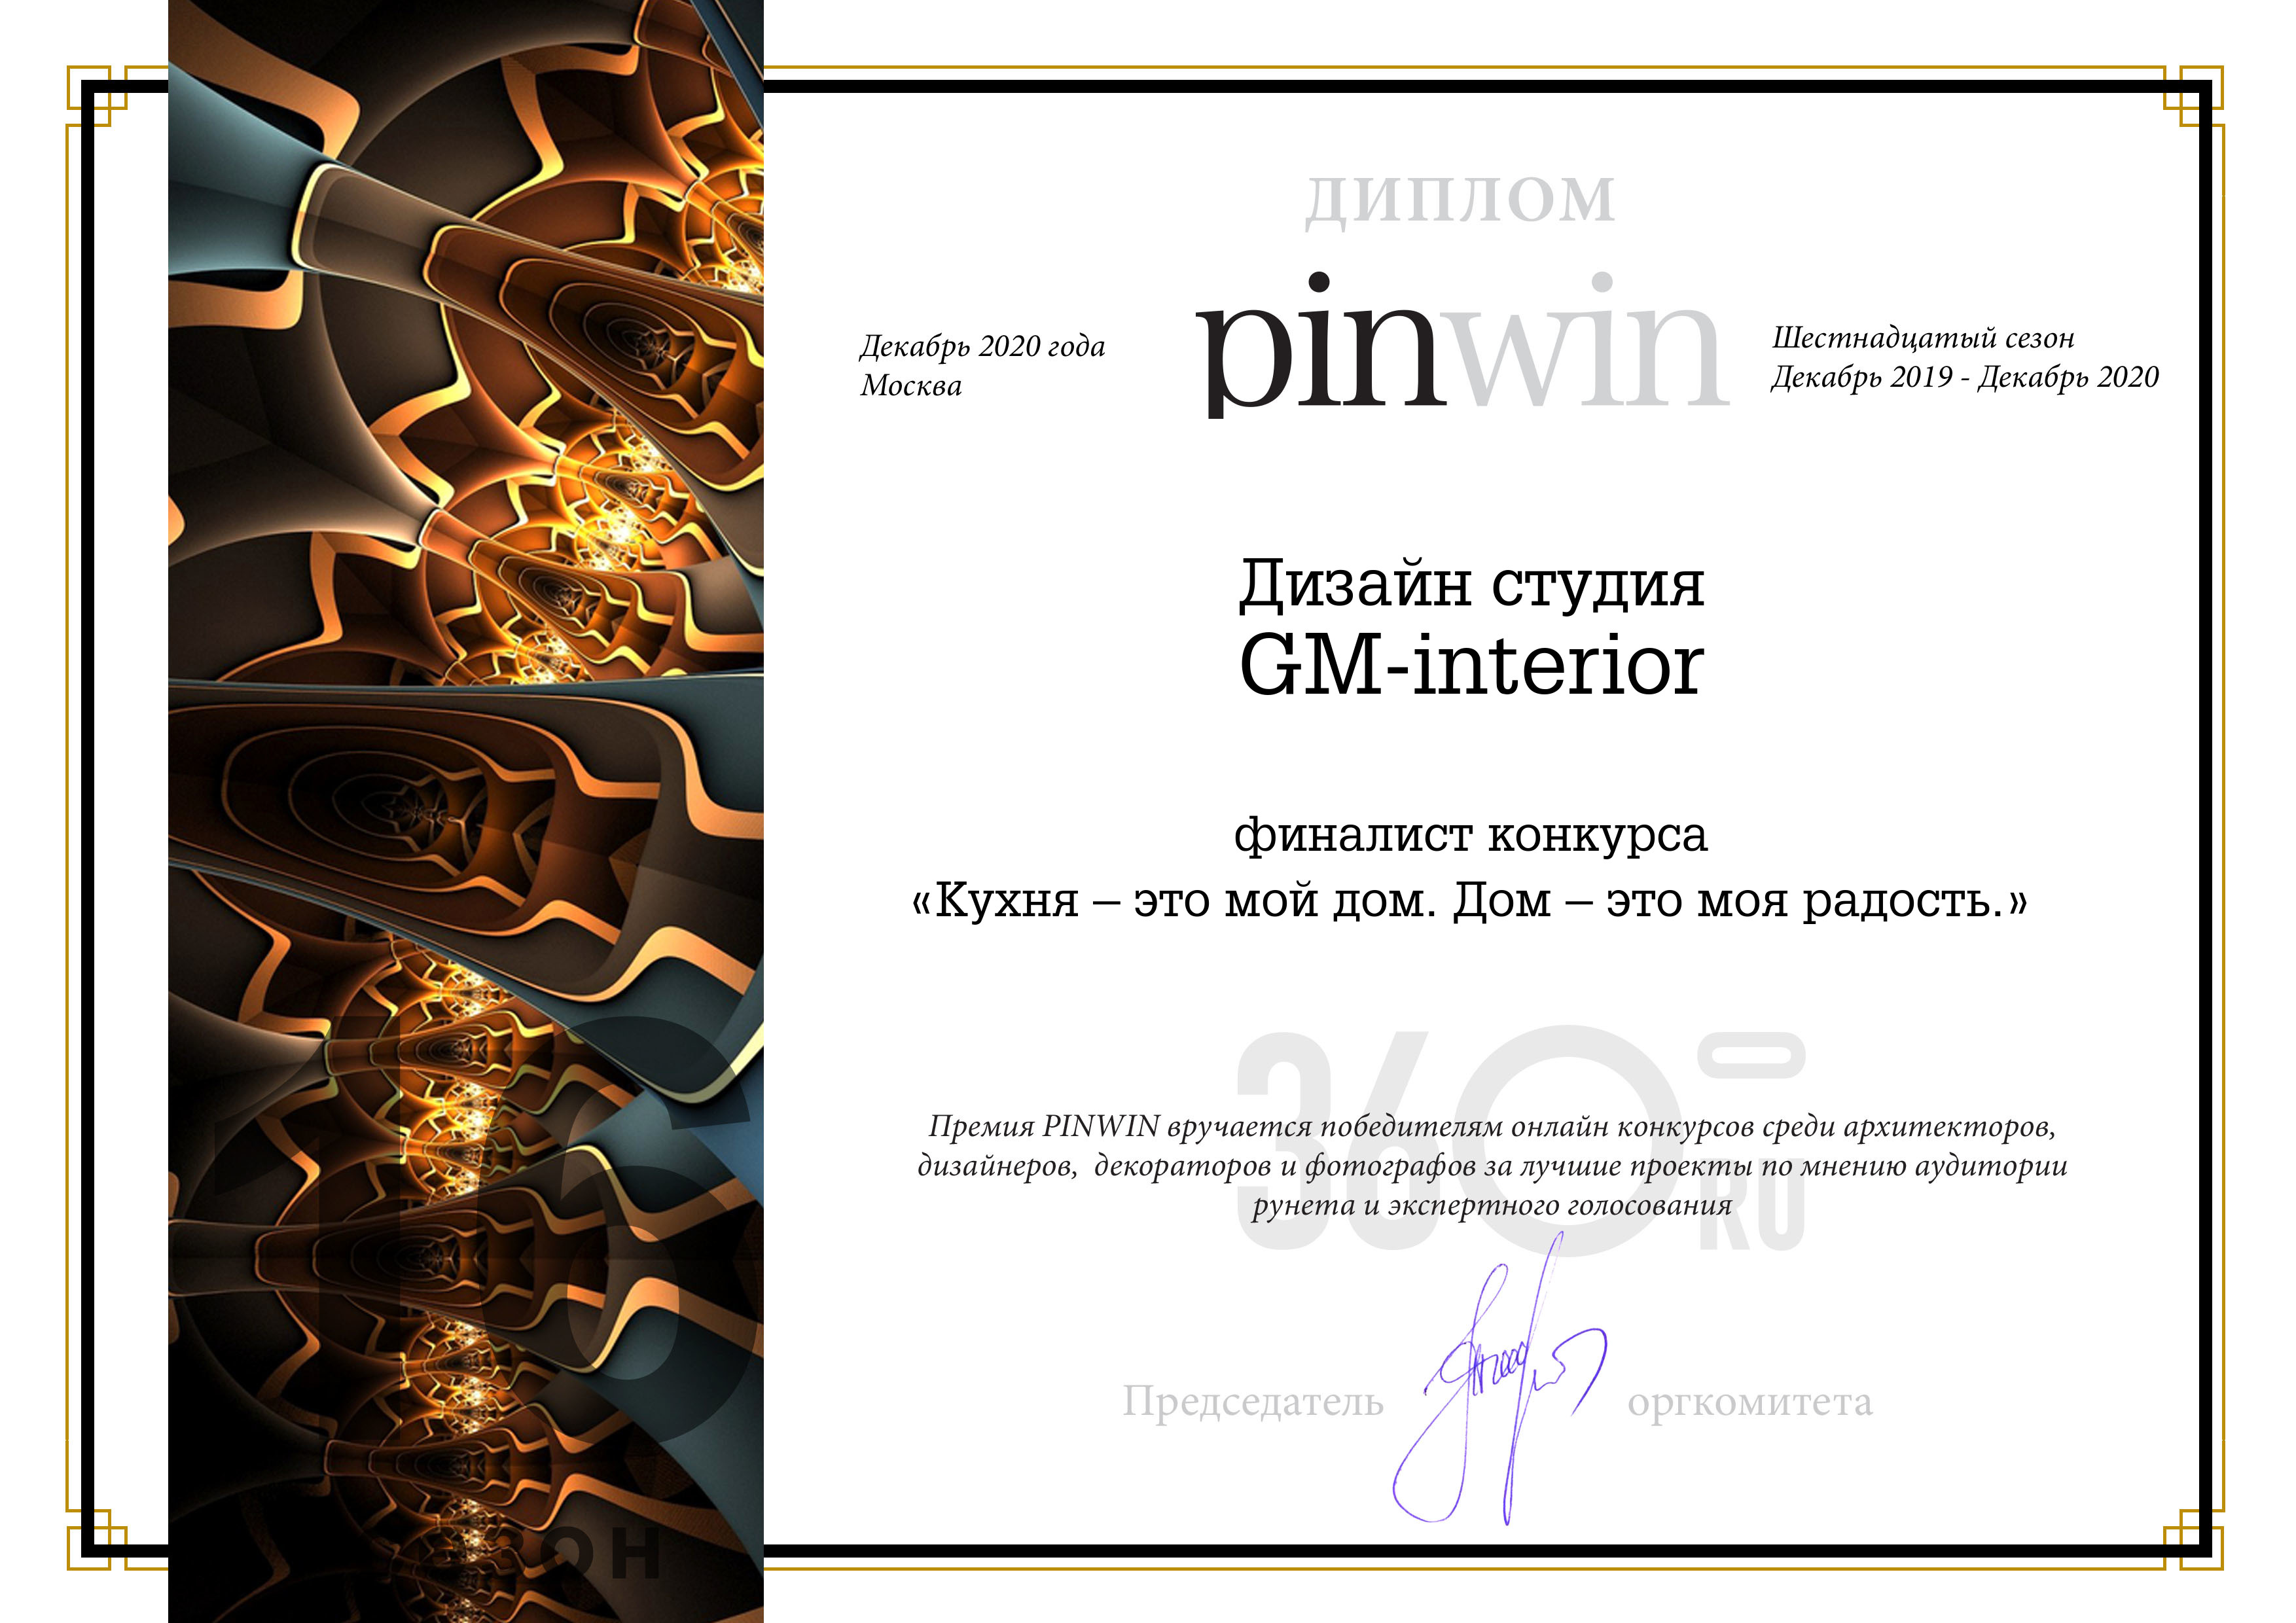 GM-interior финалист 16 сезона PinWin в номинации «Кухня – это мой дом. Дом – это моя радость.»